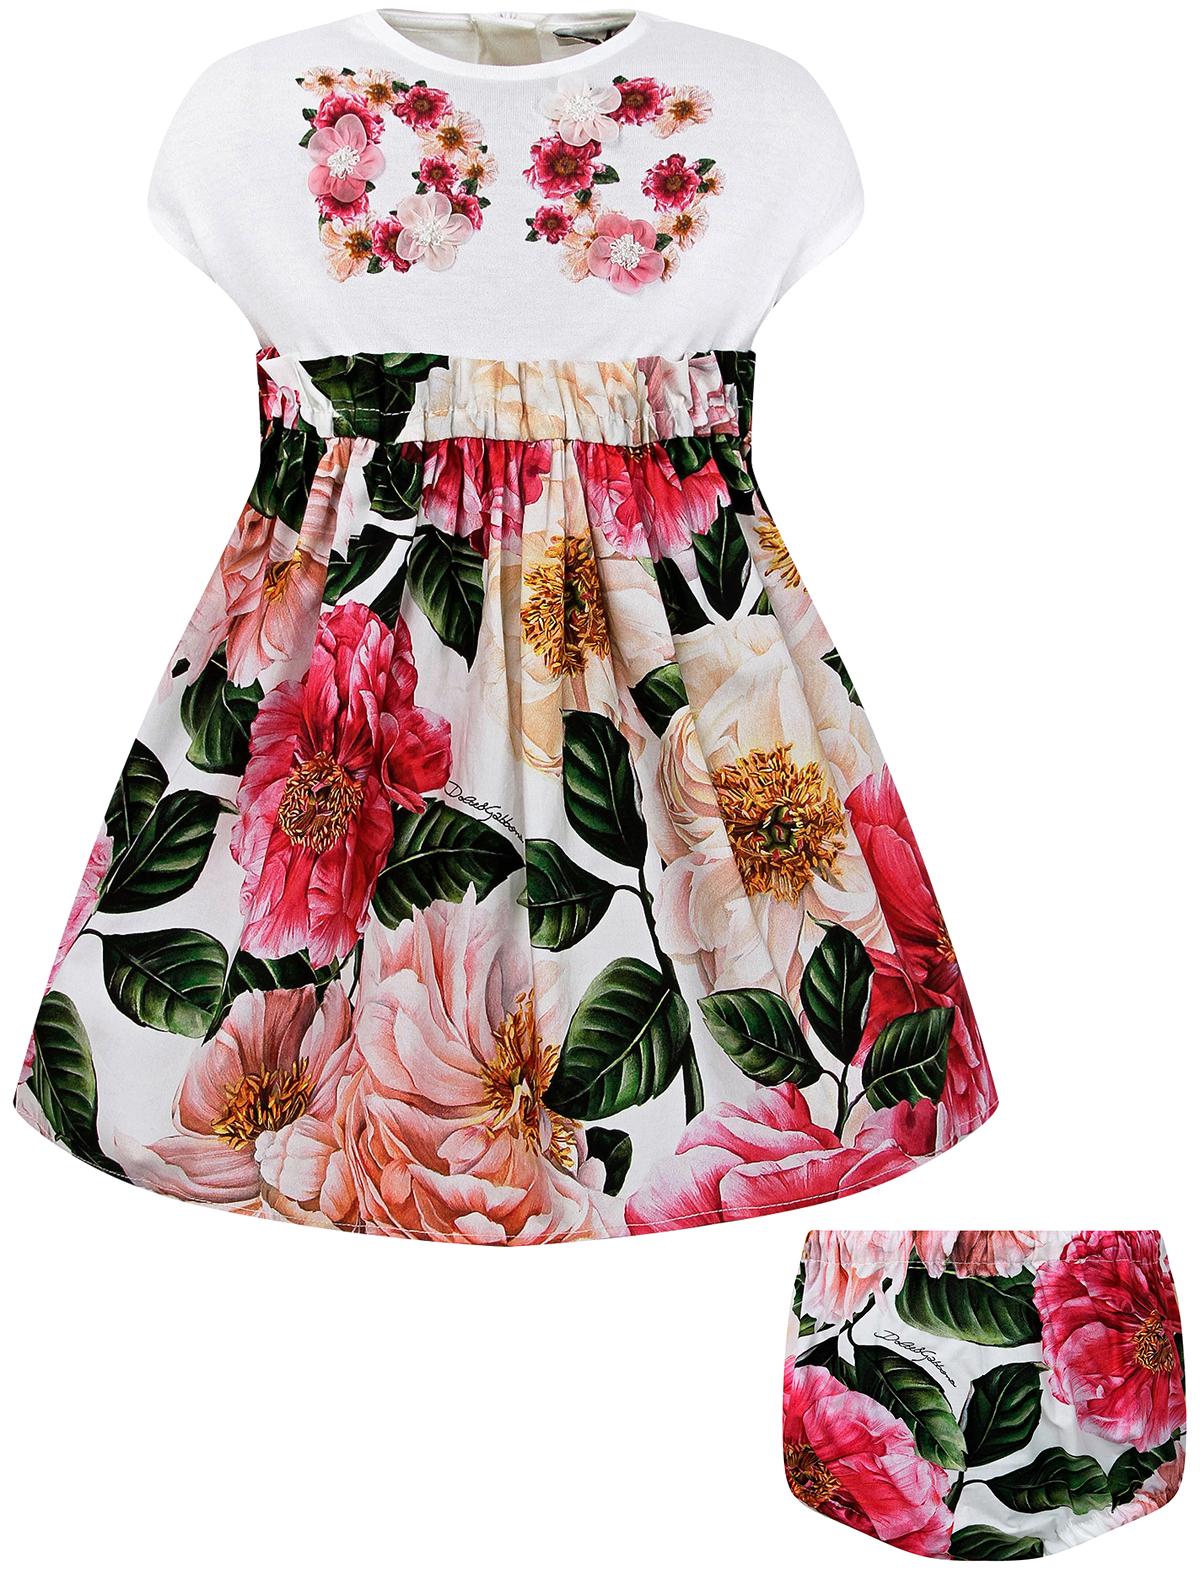 Купить 2296176, Платье Dolce & Gabbana, розовый, Женский, 1054609170168